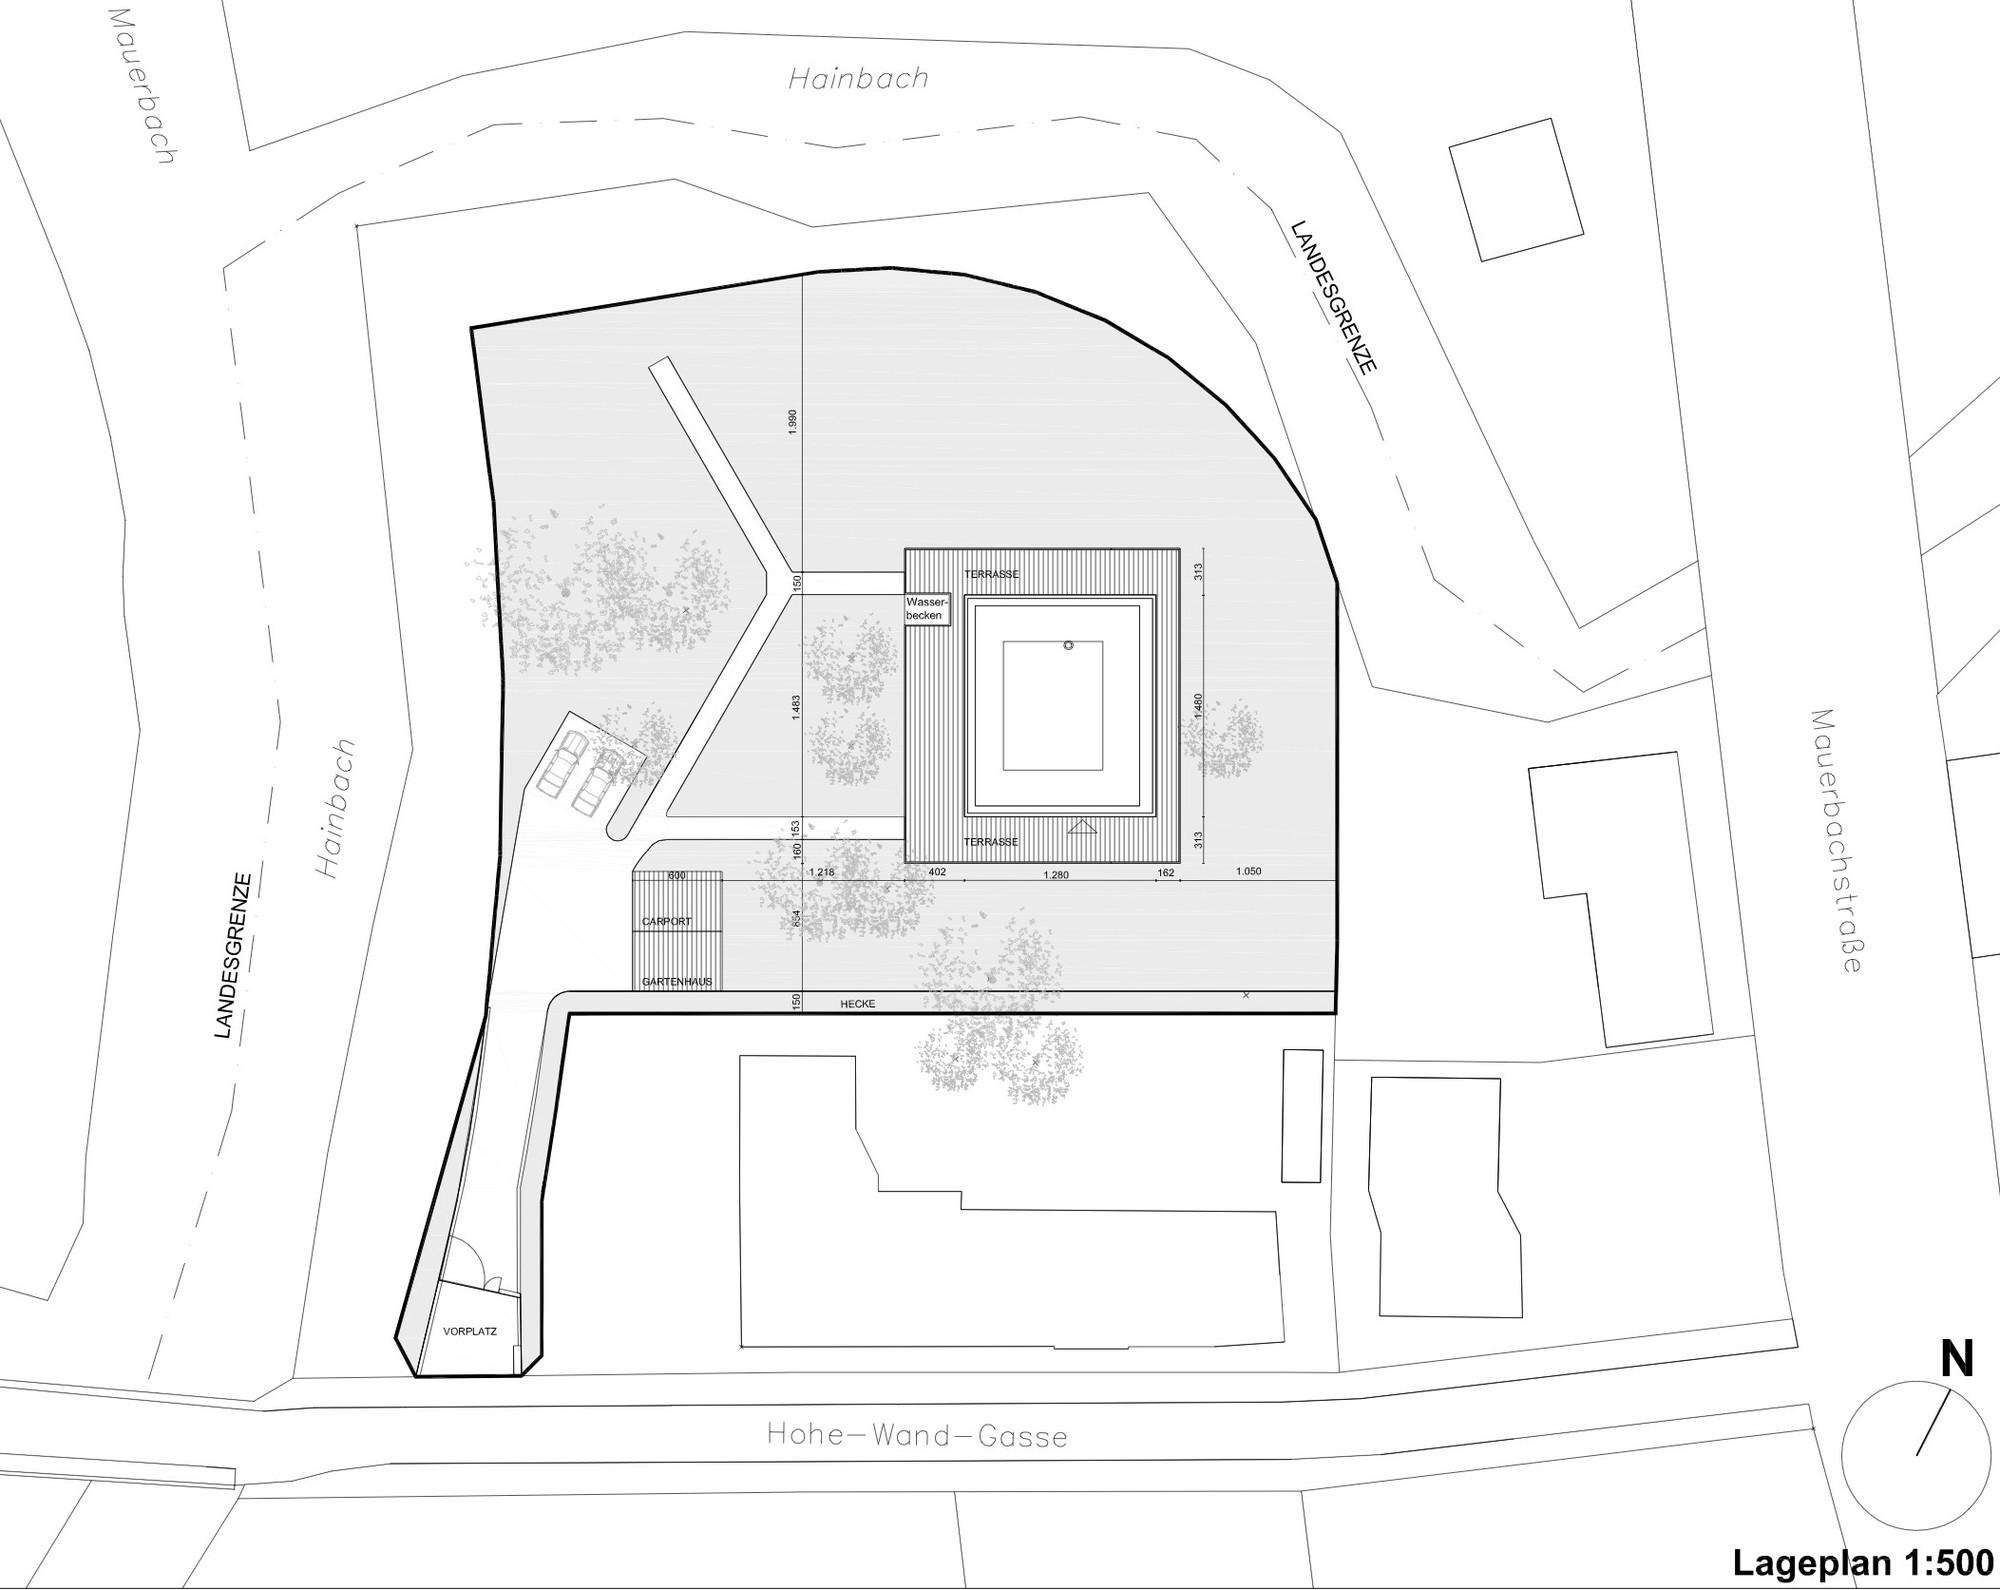 Haus Hainbach / MOOSMANN. 13 / 18. Site Plan